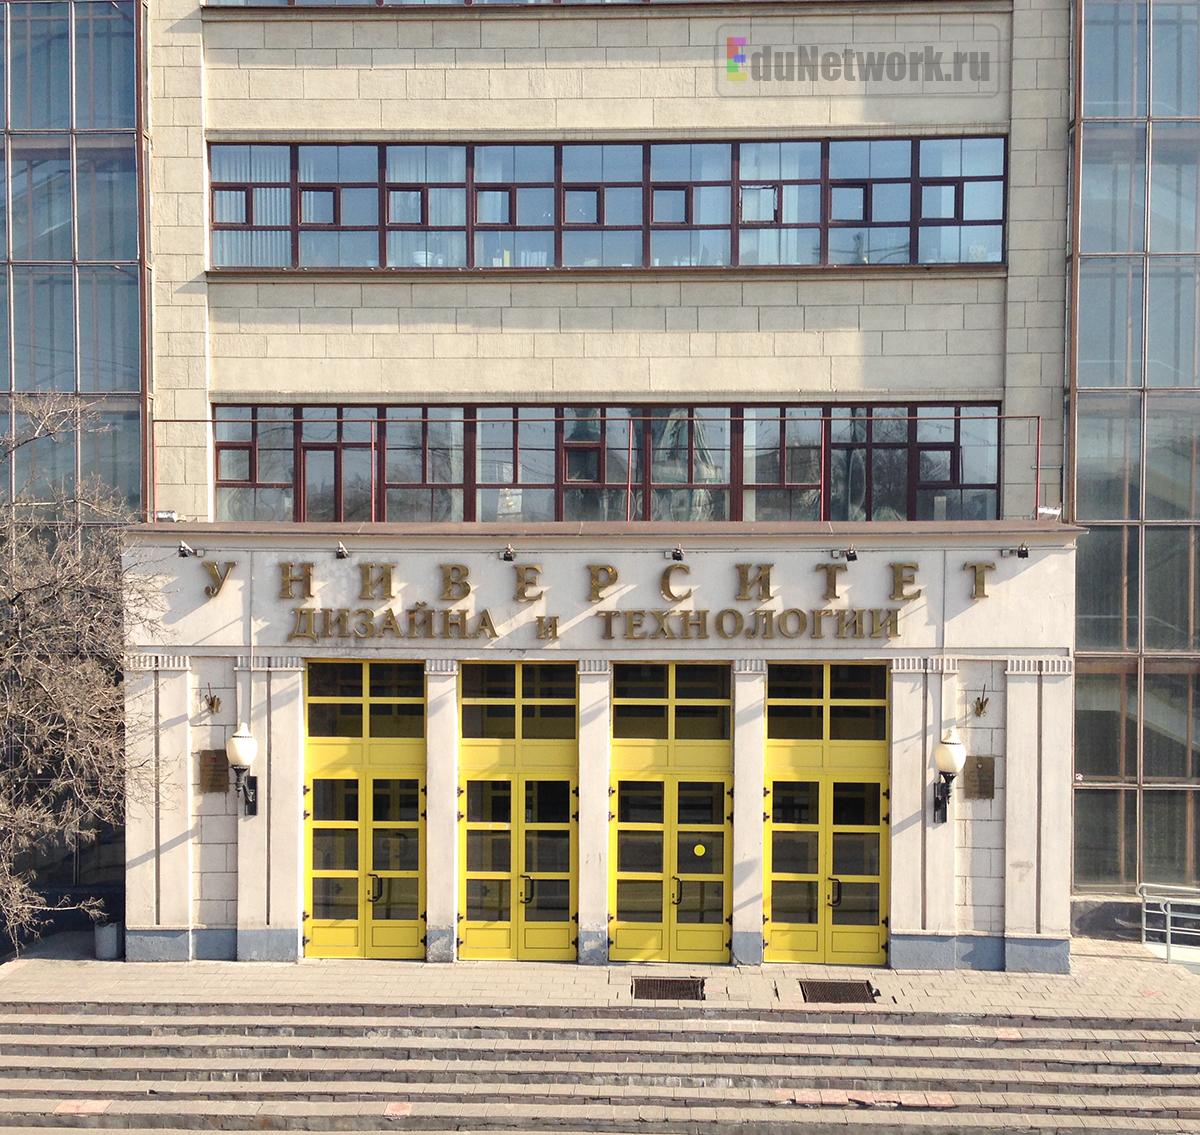 Факультет дизайна в ргу